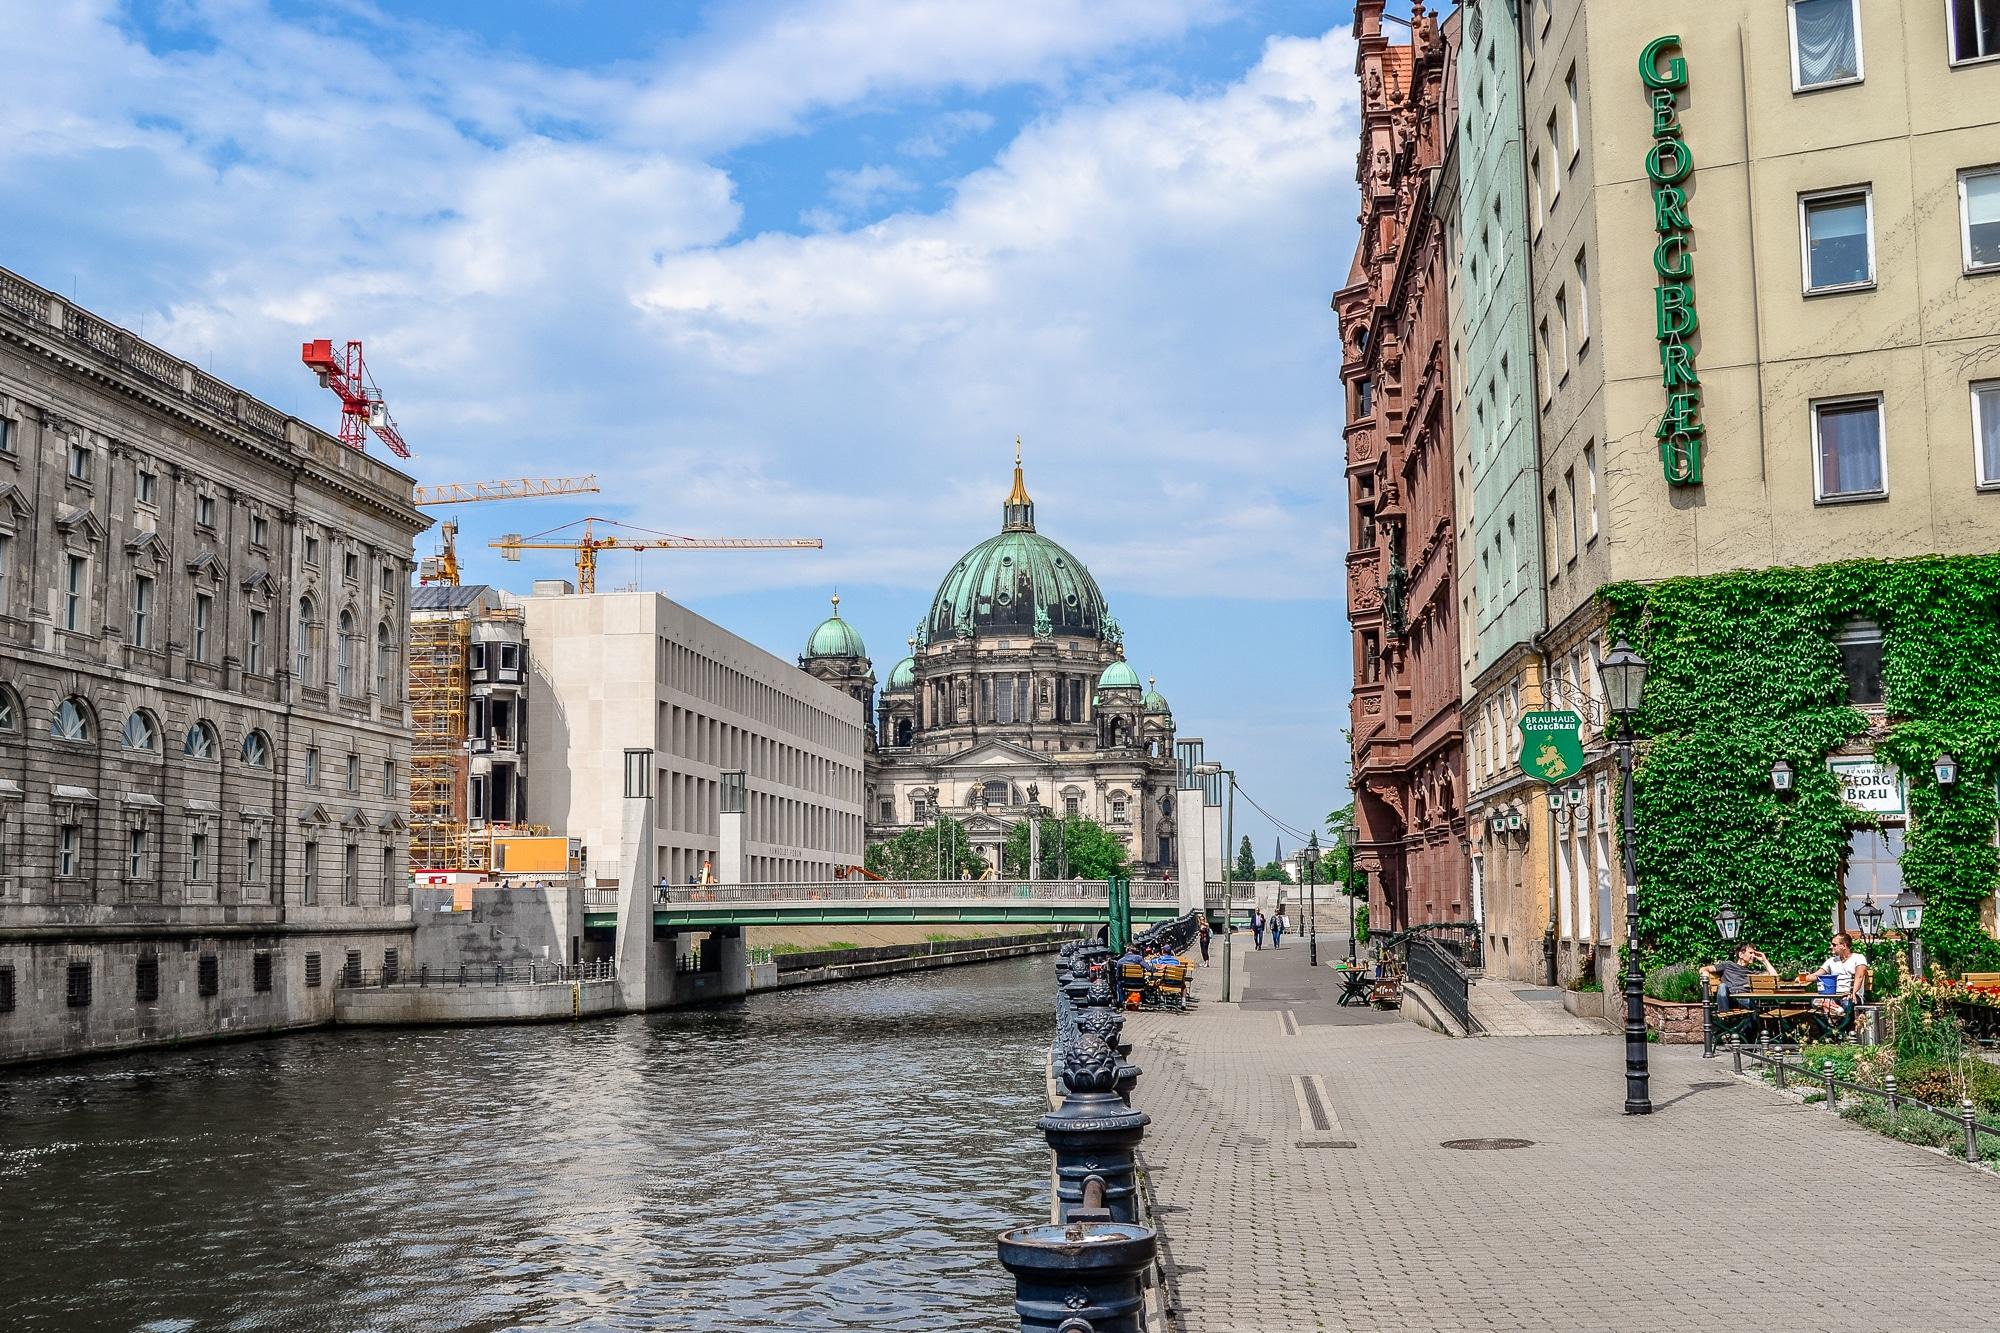 Berlin: Sehenswürdigkeiten und Sightseeing